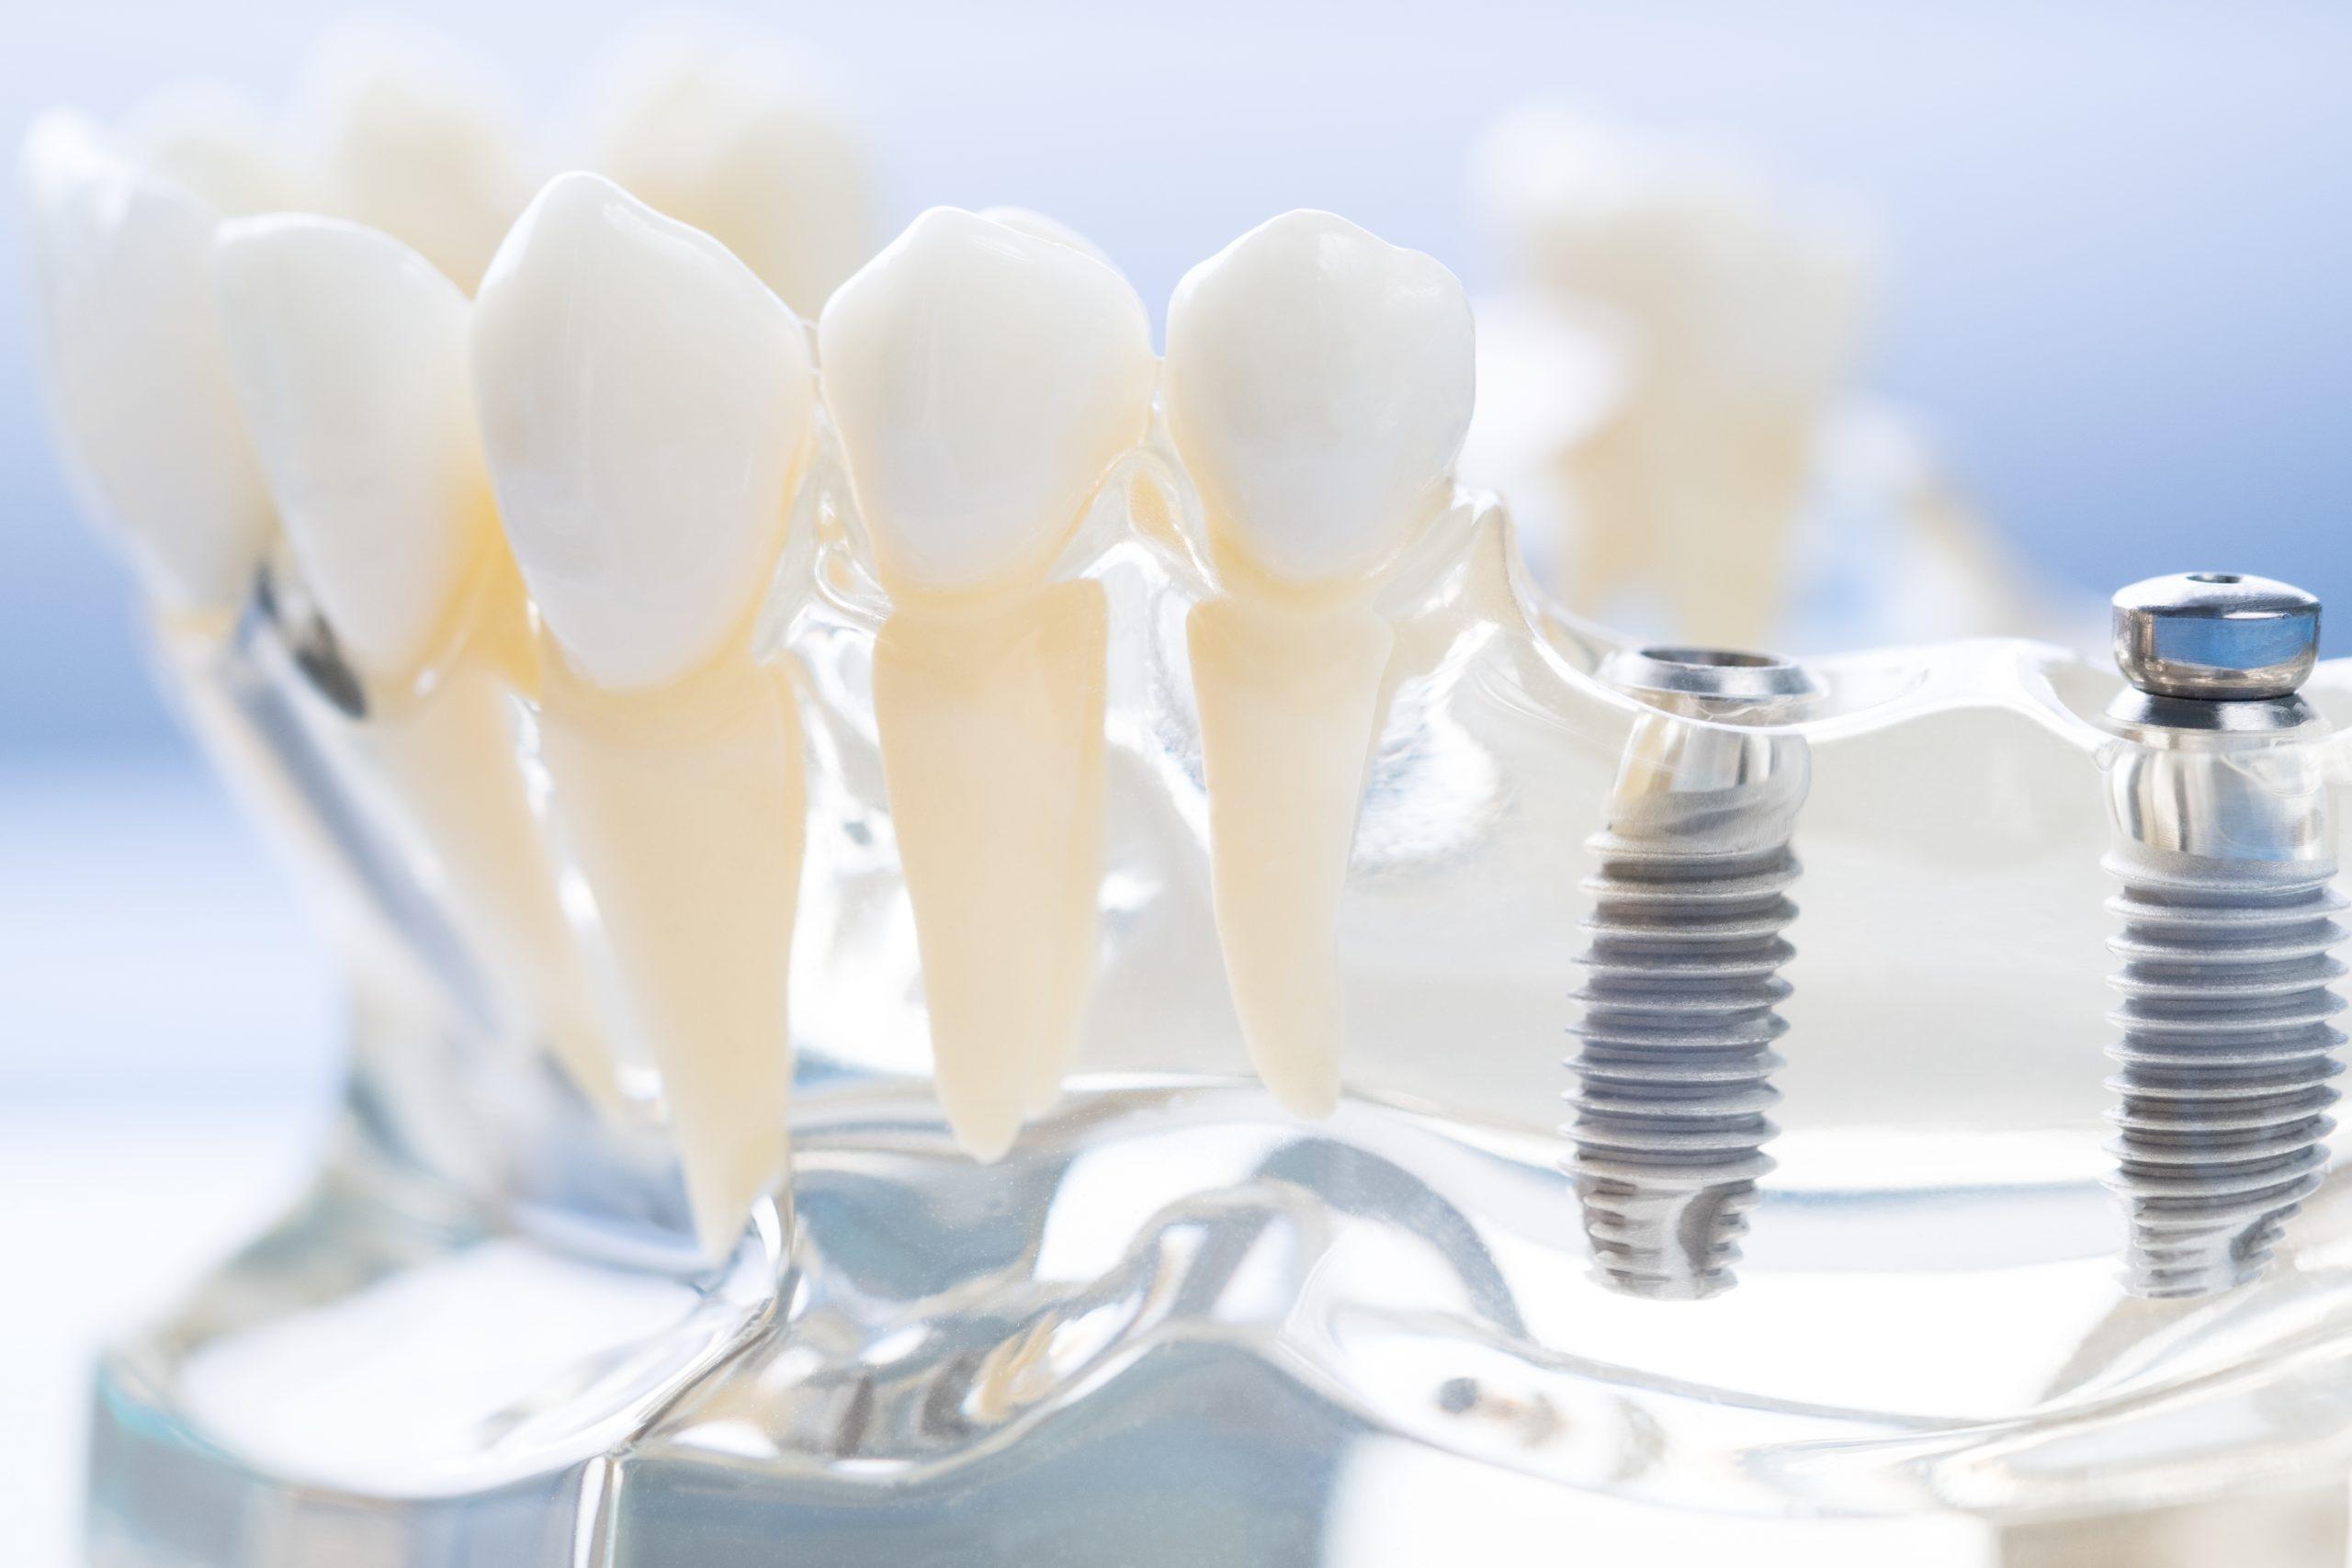 imagen de implantes dentales clinica dental linares